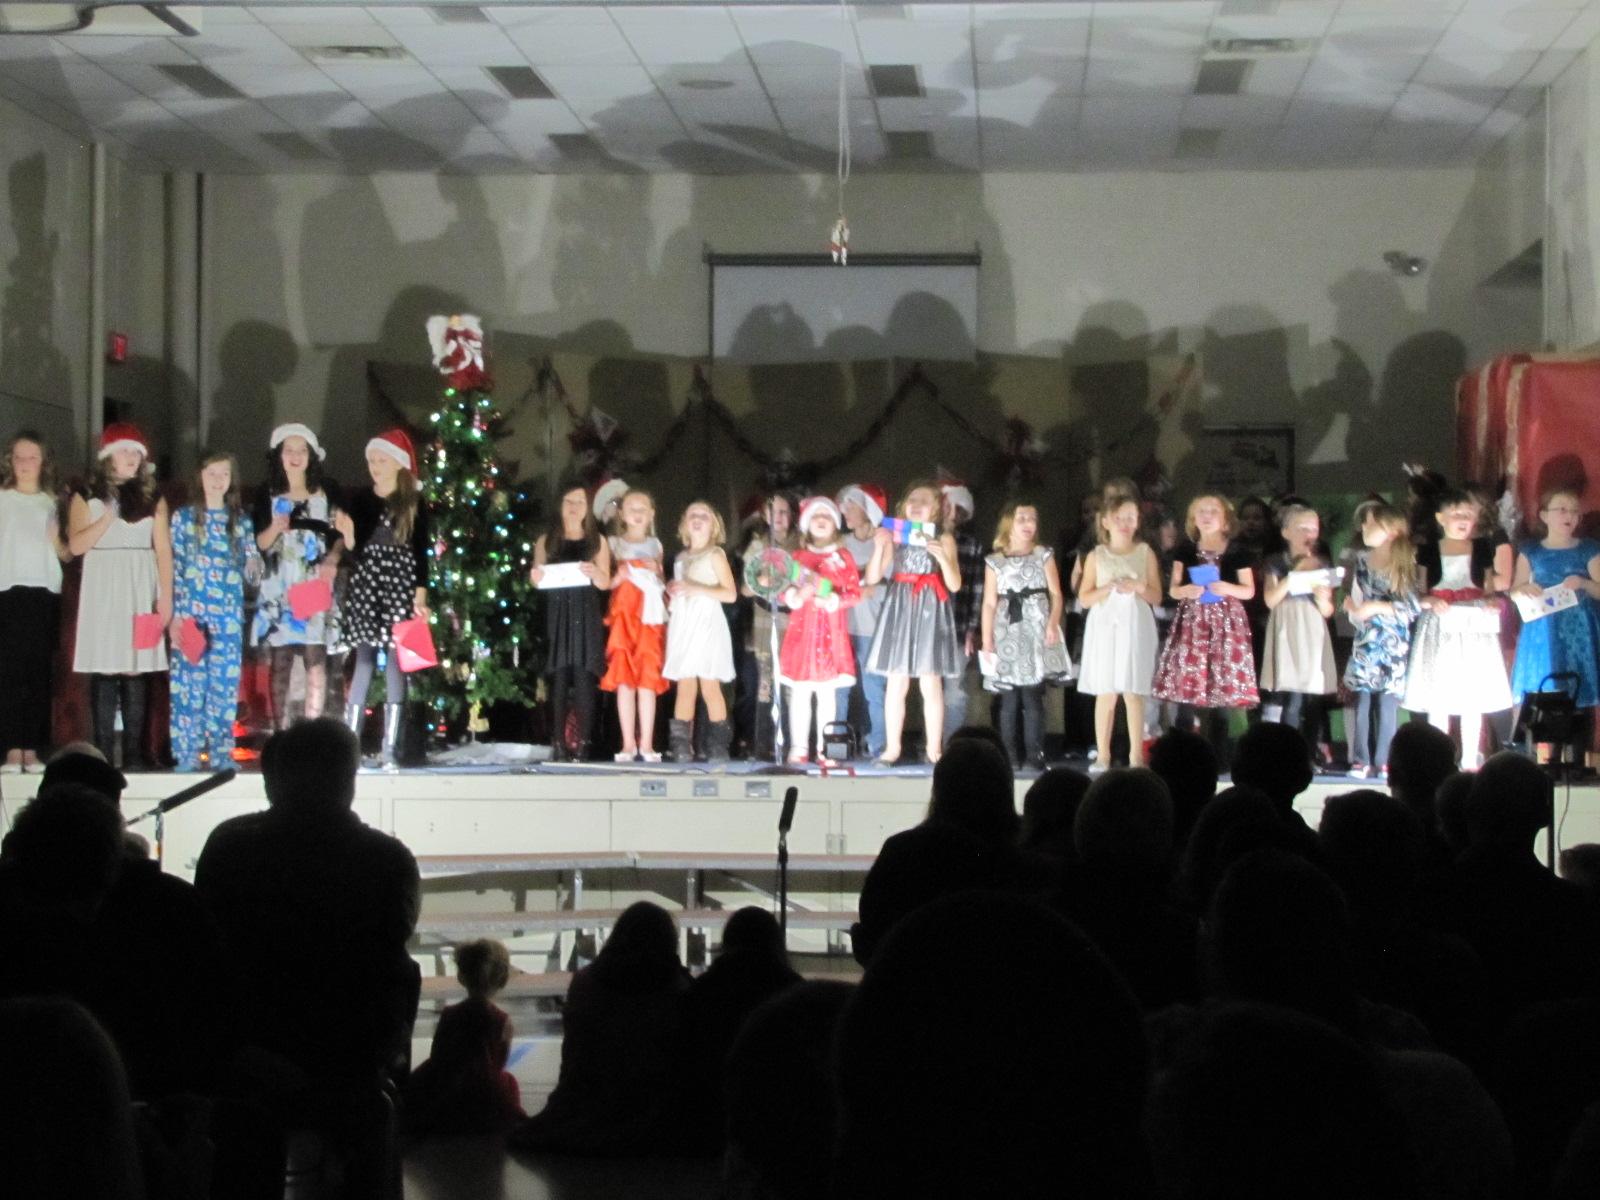 2014-12-17 TV School Christmas Concert 008